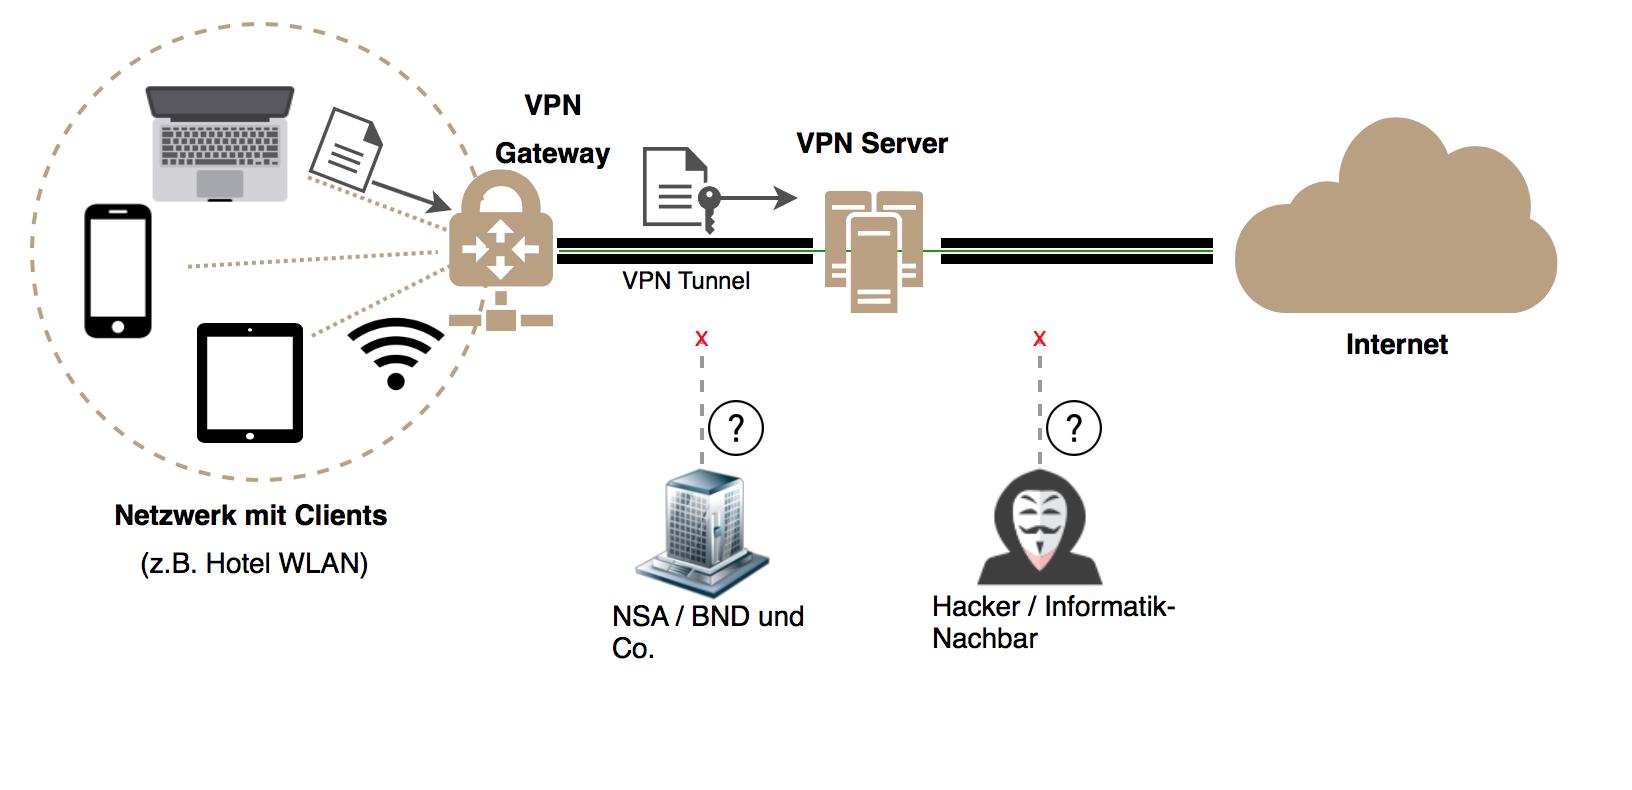 Durch den Einsatz von VPN gesichertes WLAN Netzwerk